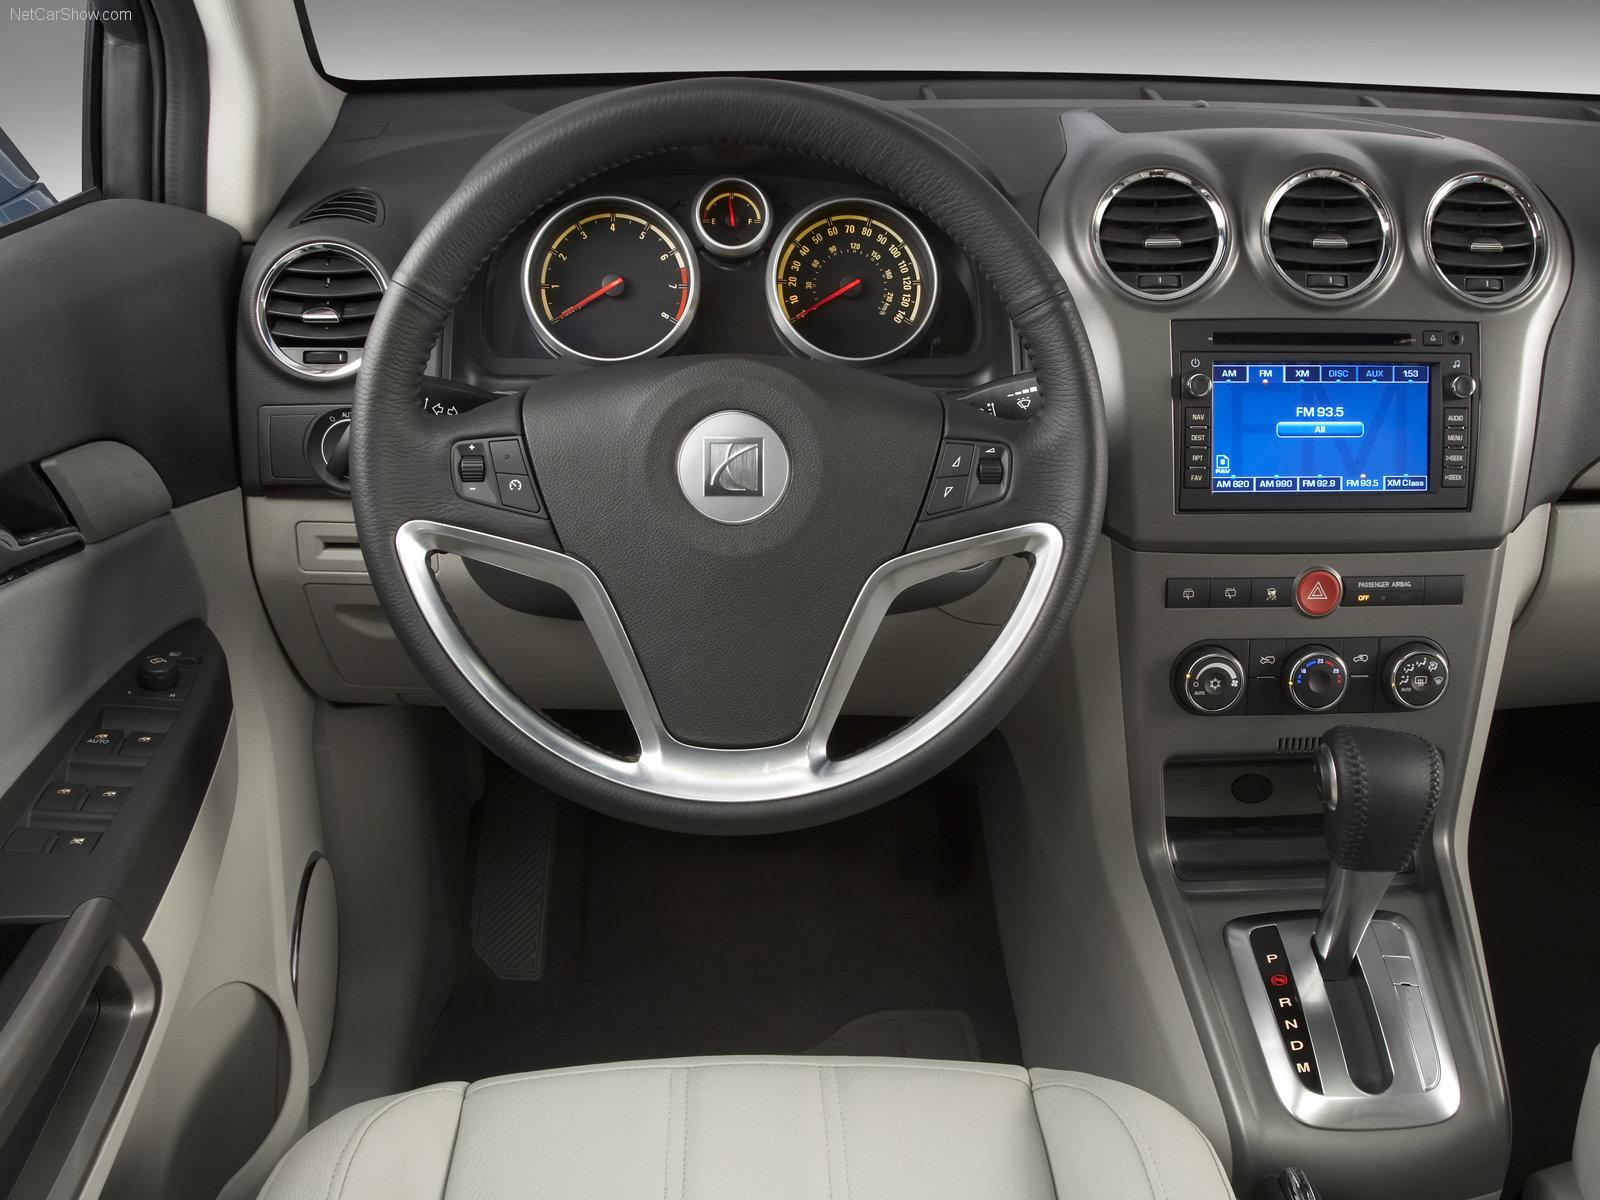 Hình ảnh xe ô tô Saturn Vue 2008 & nội ngoại thất